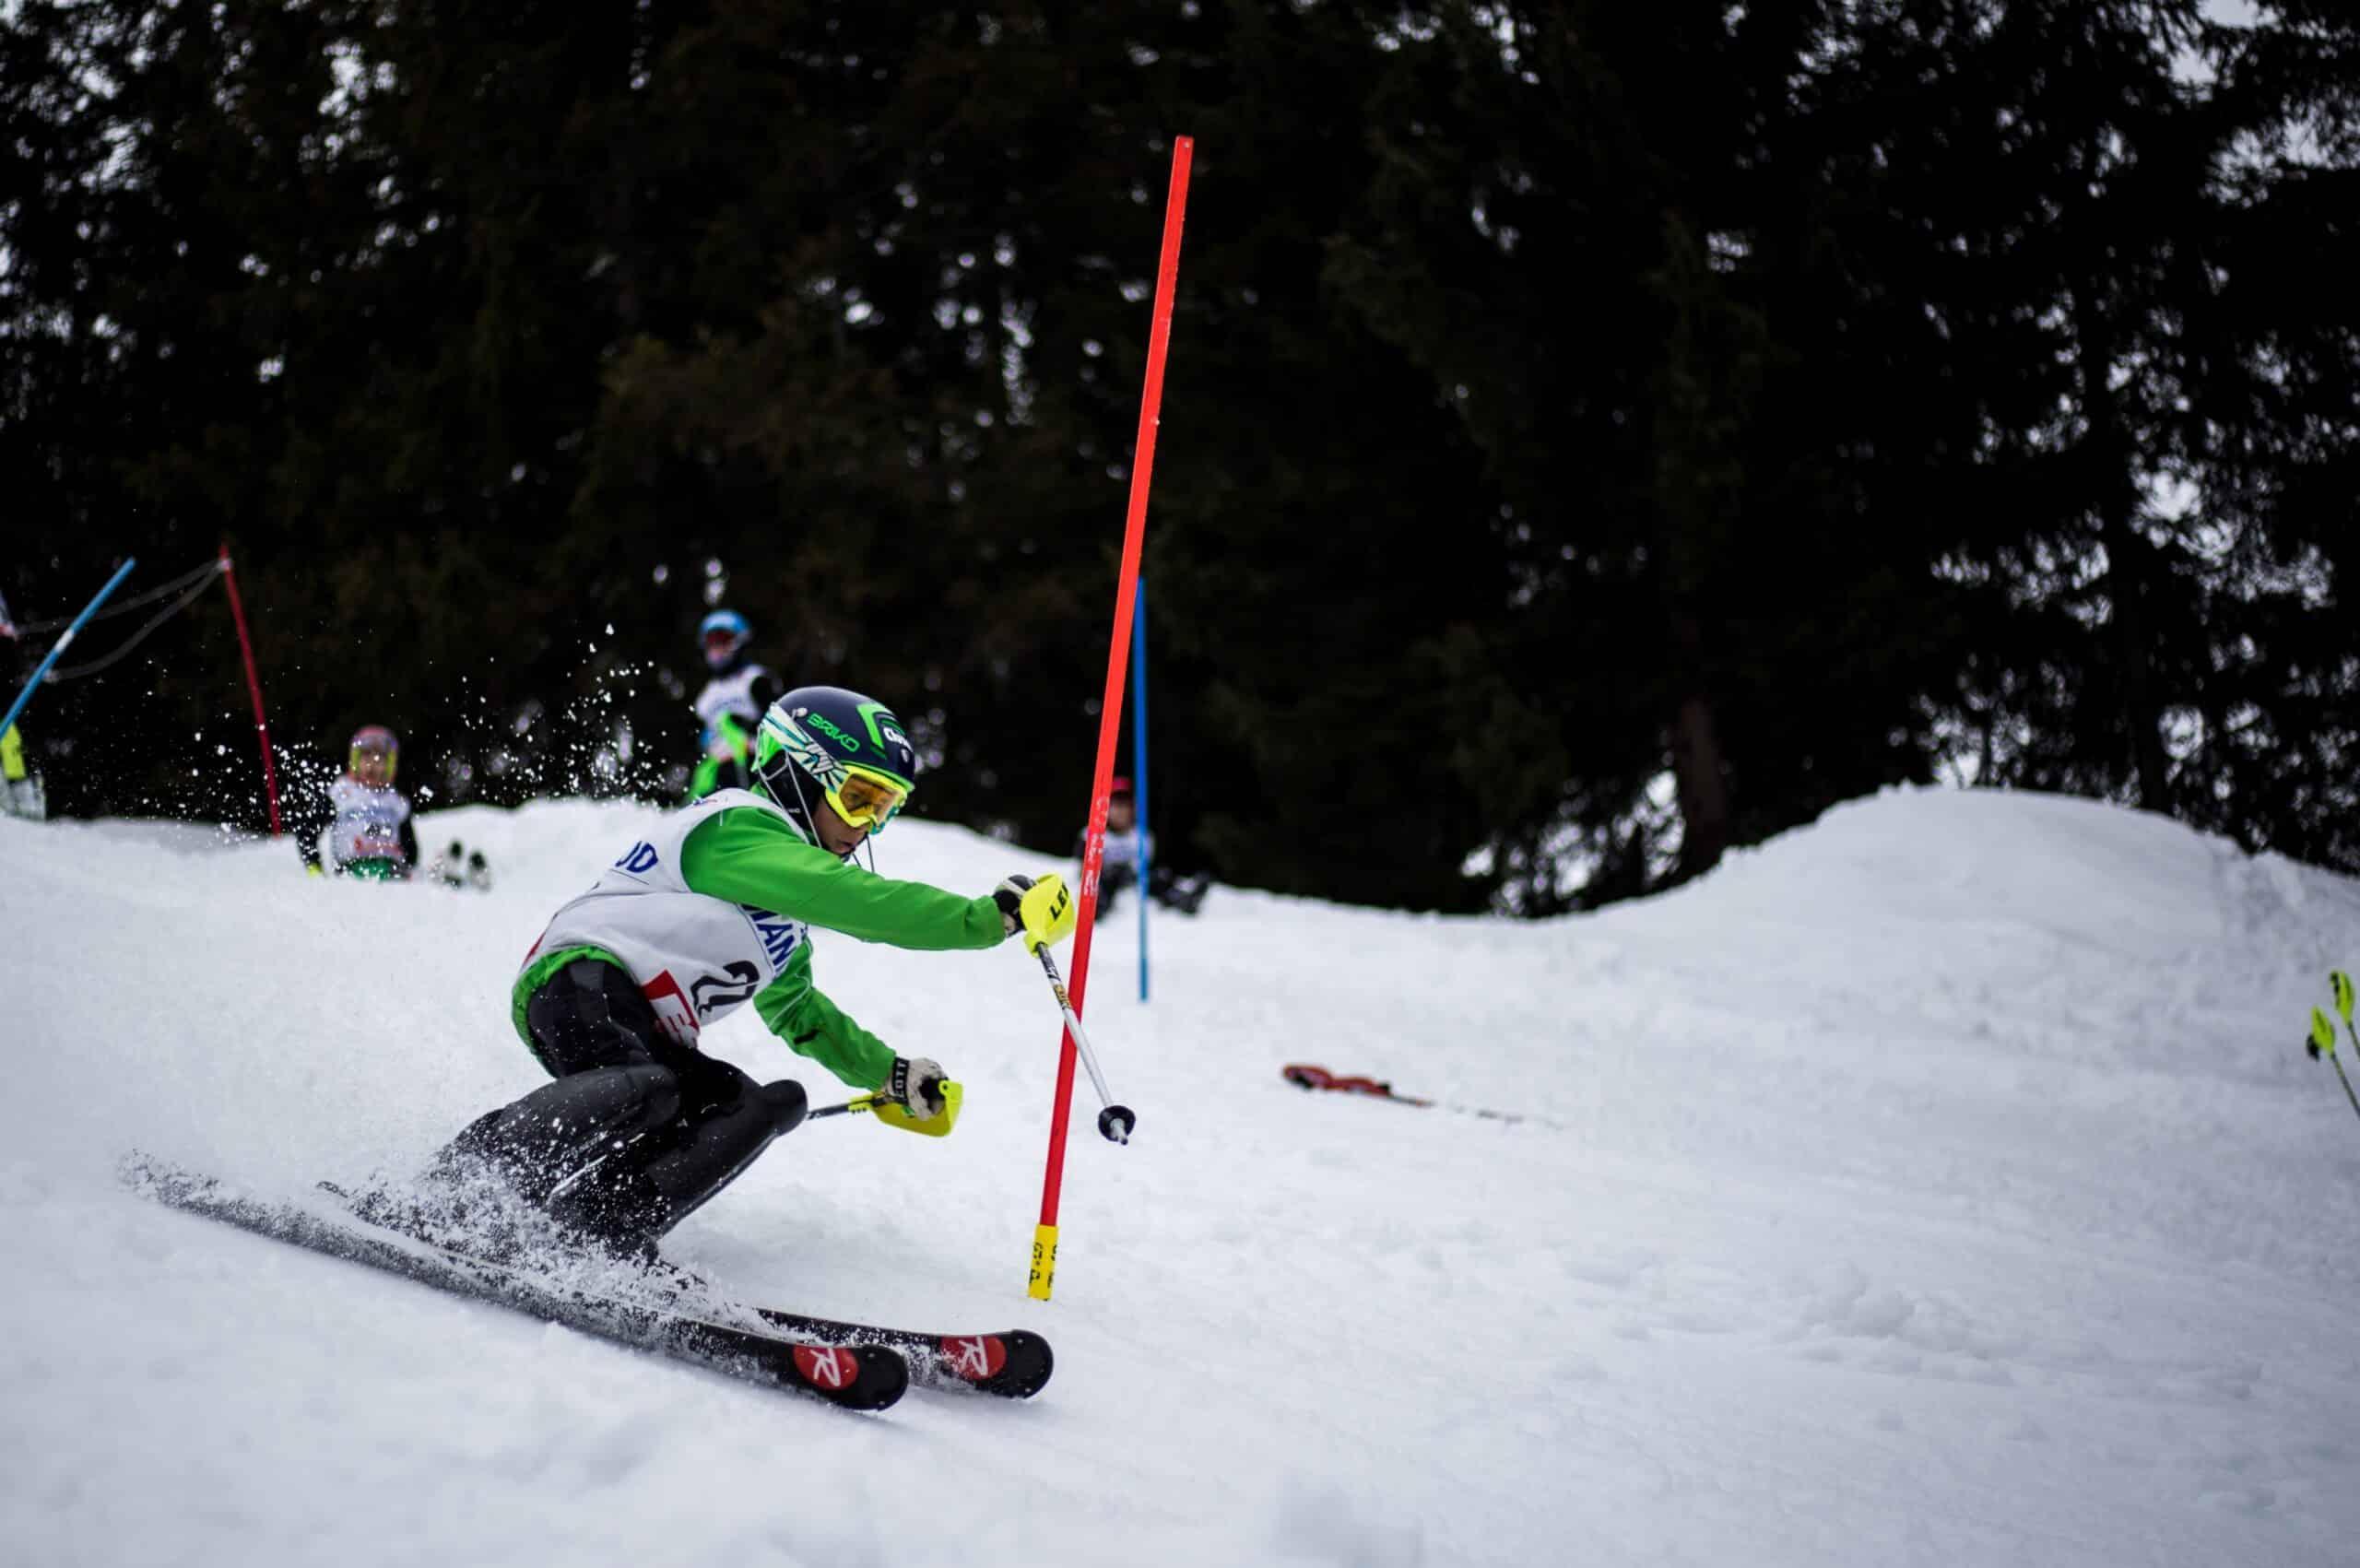 Kid skiing in helmet